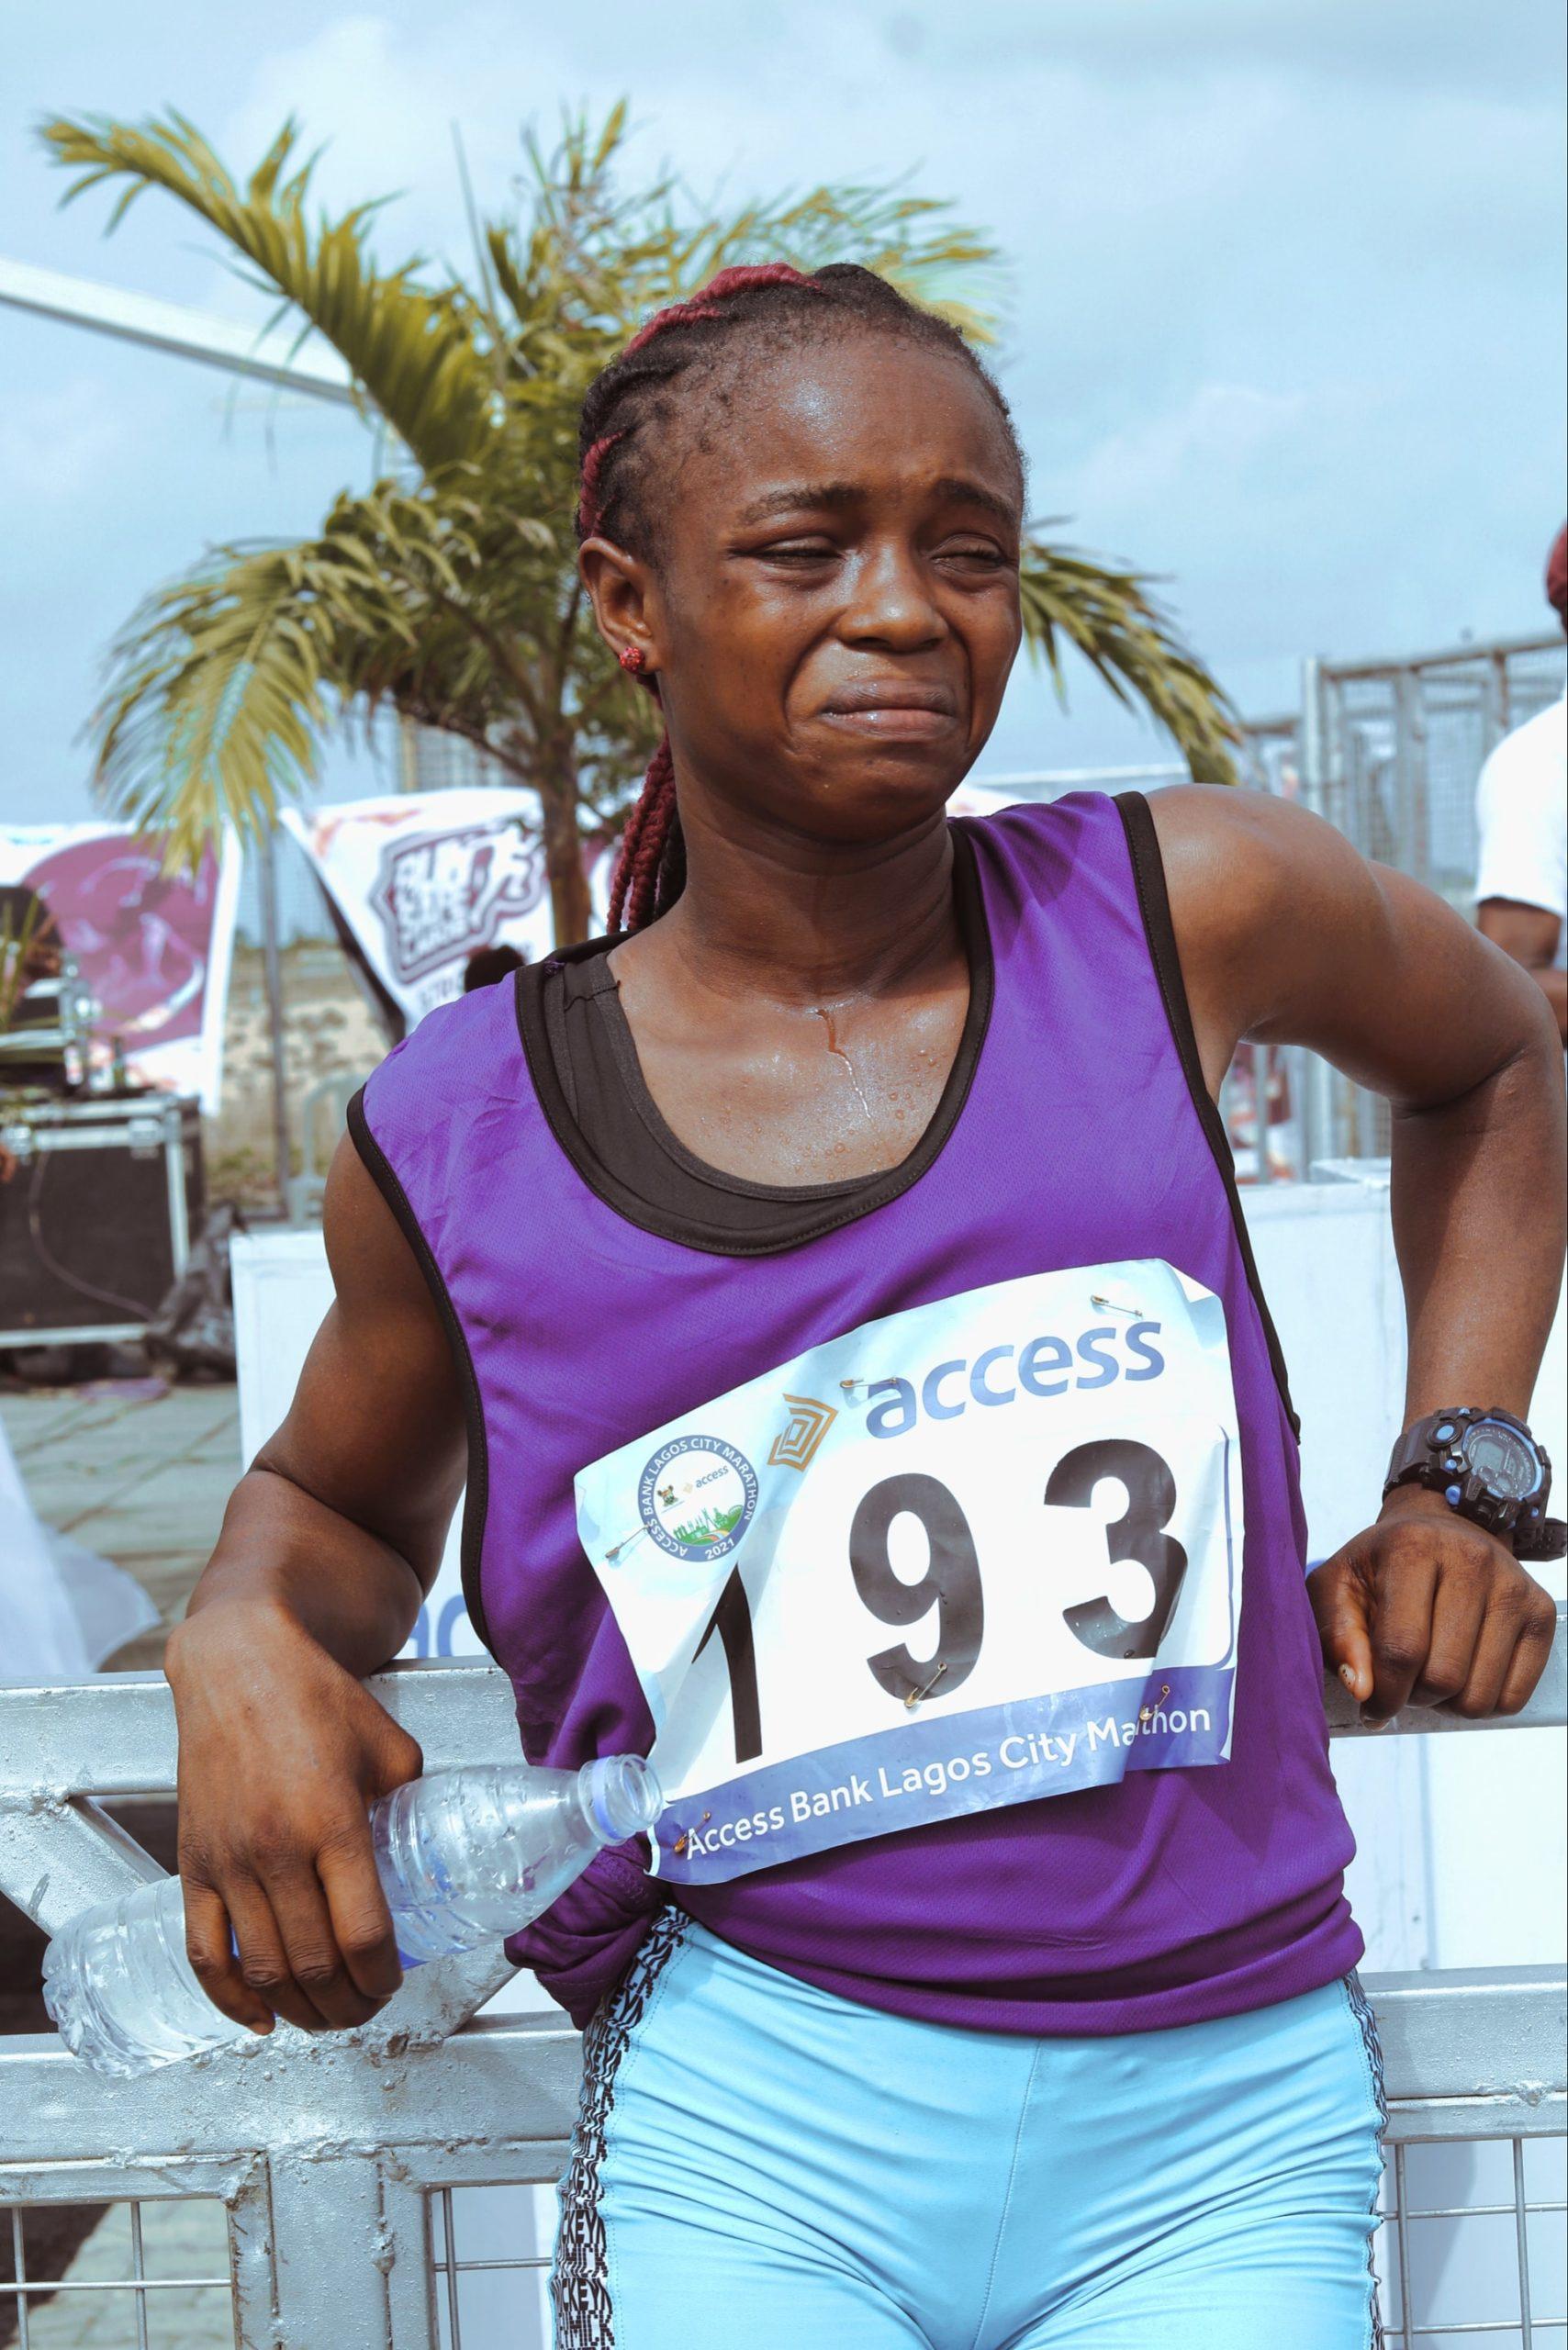 Runner put due to injury